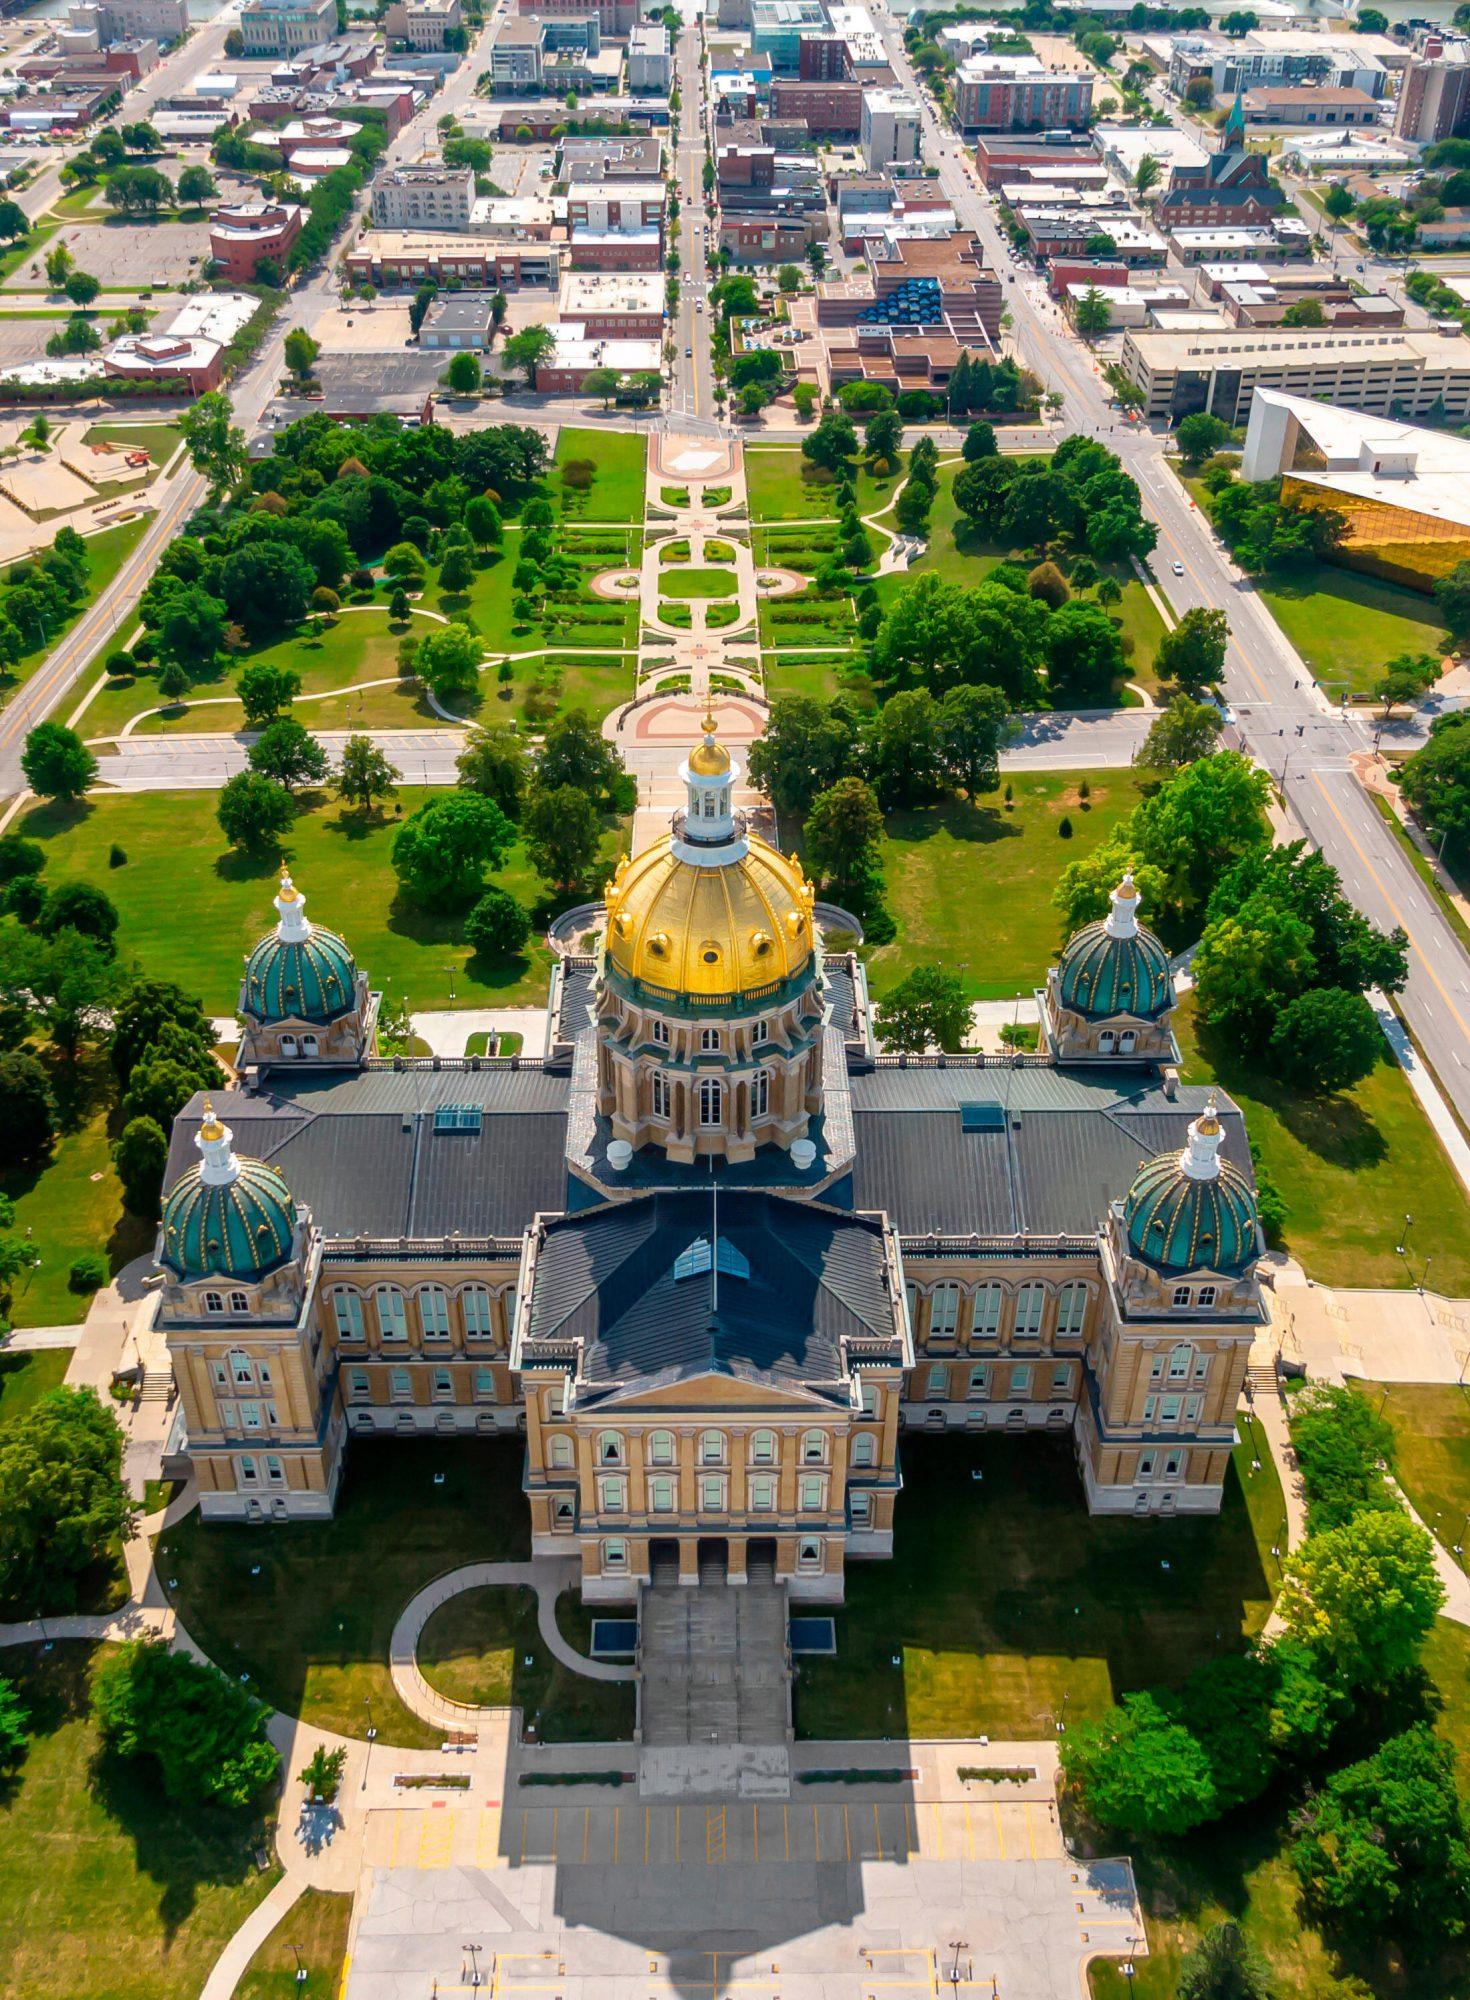 Des Moines Iowa